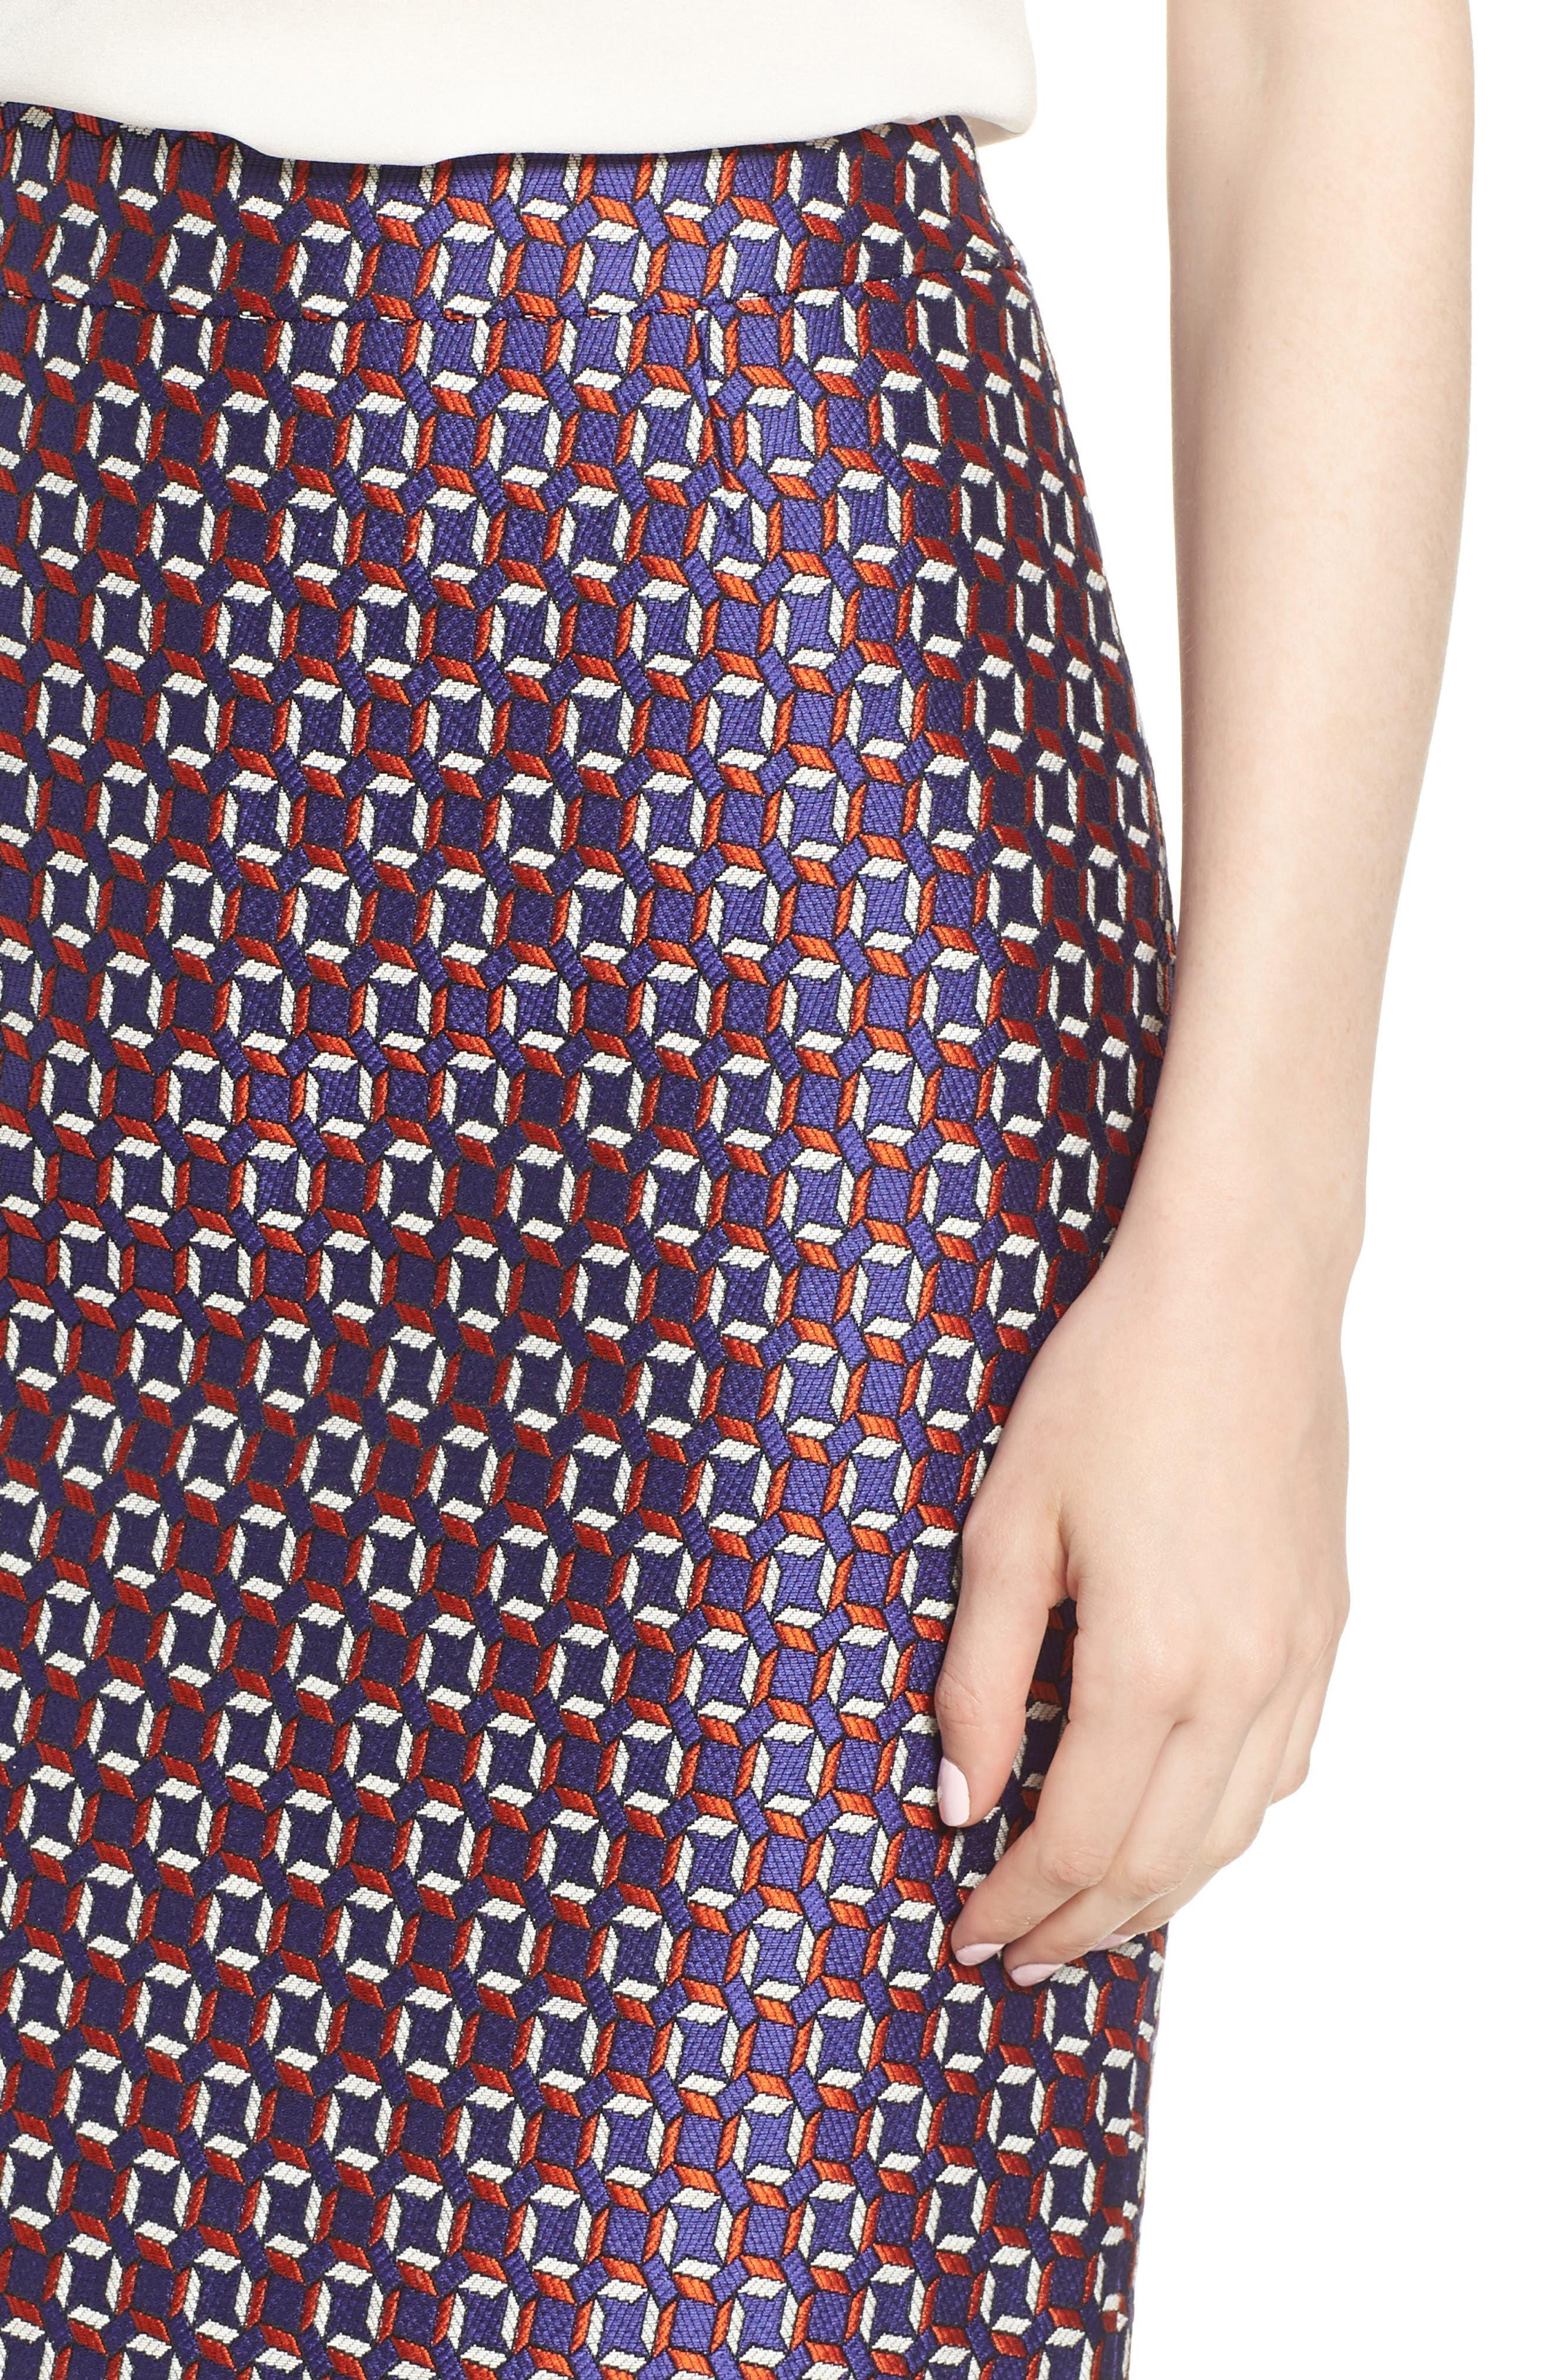 Varines Jacquard Pencil Skirt,                             Alternate thumbnail 4, color,                             575